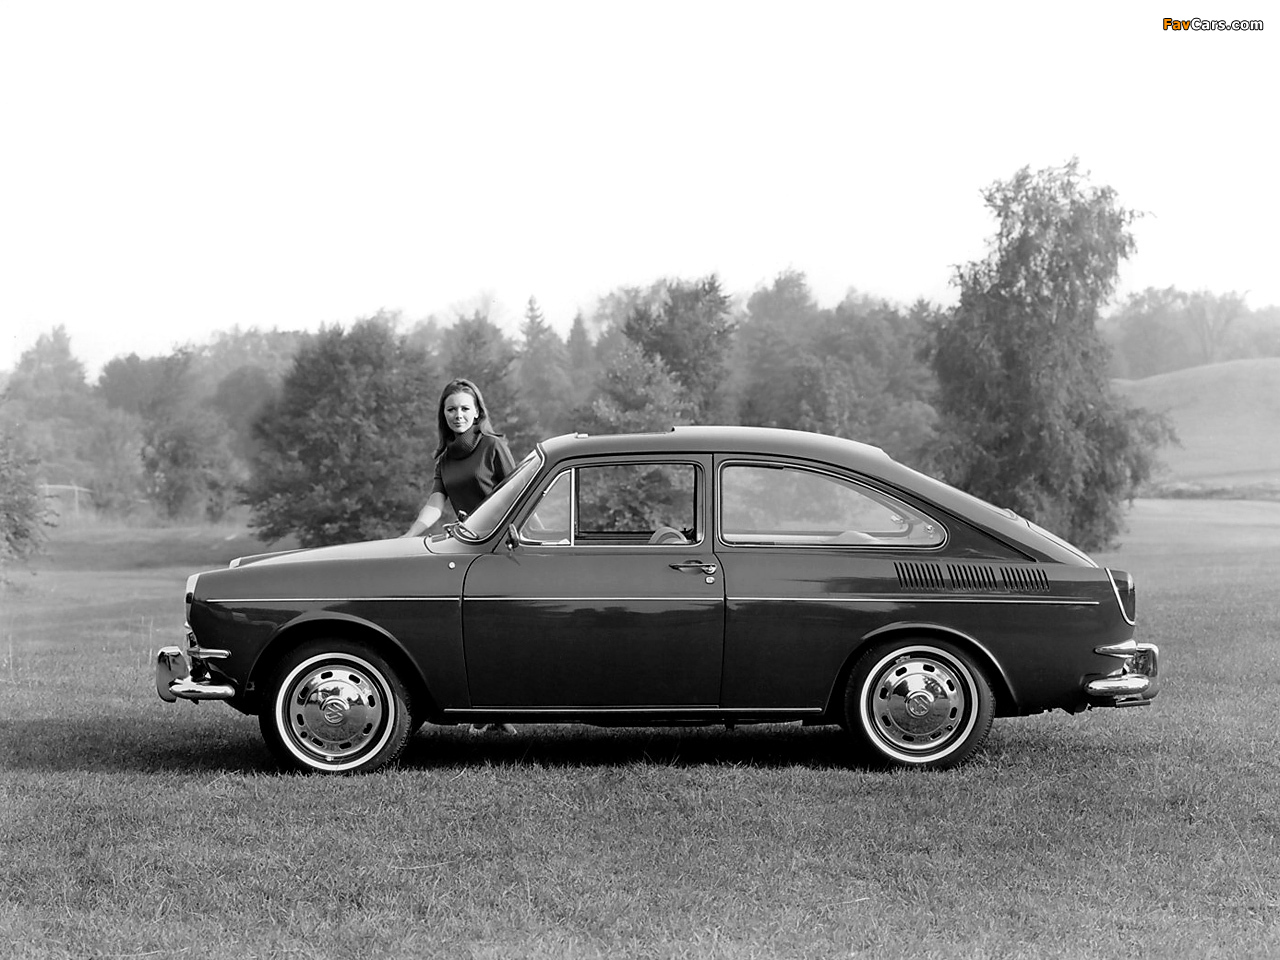 images of volkswagen 1600 fastback type 3 1965 73 1280x960. Black Bedroom Furniture Sets. Home Design Ideas